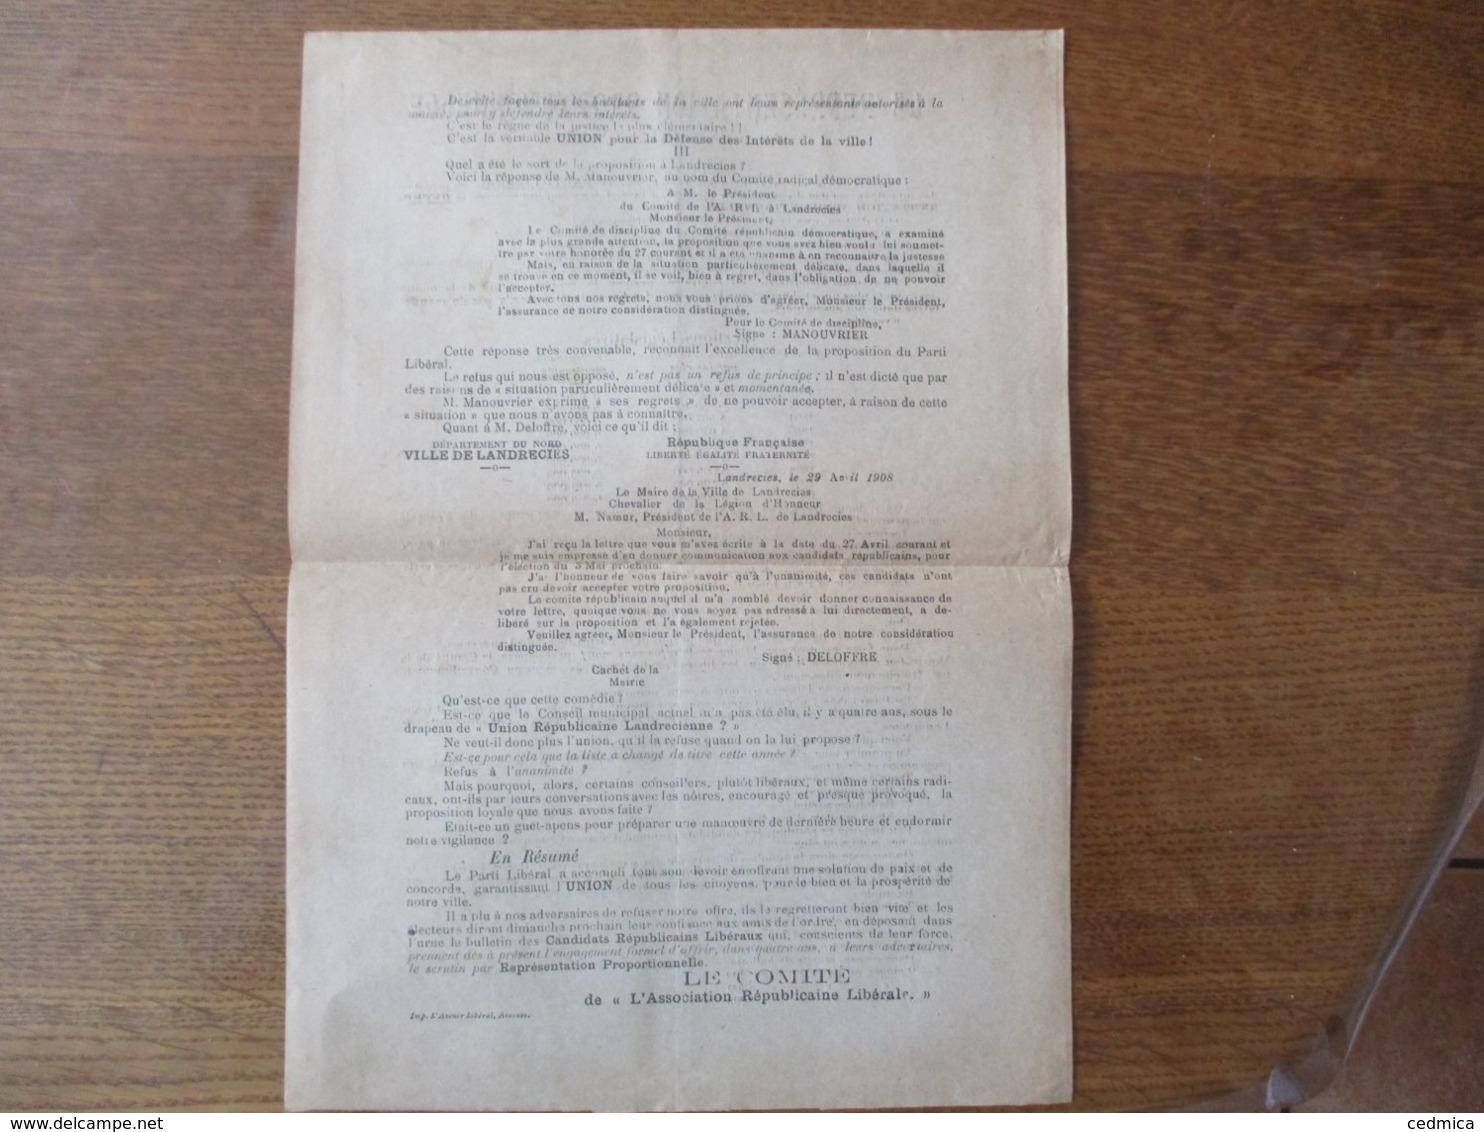 """1908 LA REPRESENTATION PROPORTIONNELLE A LANDRECIES TRACT DU COMITE DE """"L'ASSOCIATION REPUBLICAINE LIBERALE"""" - Documenti Storici"""